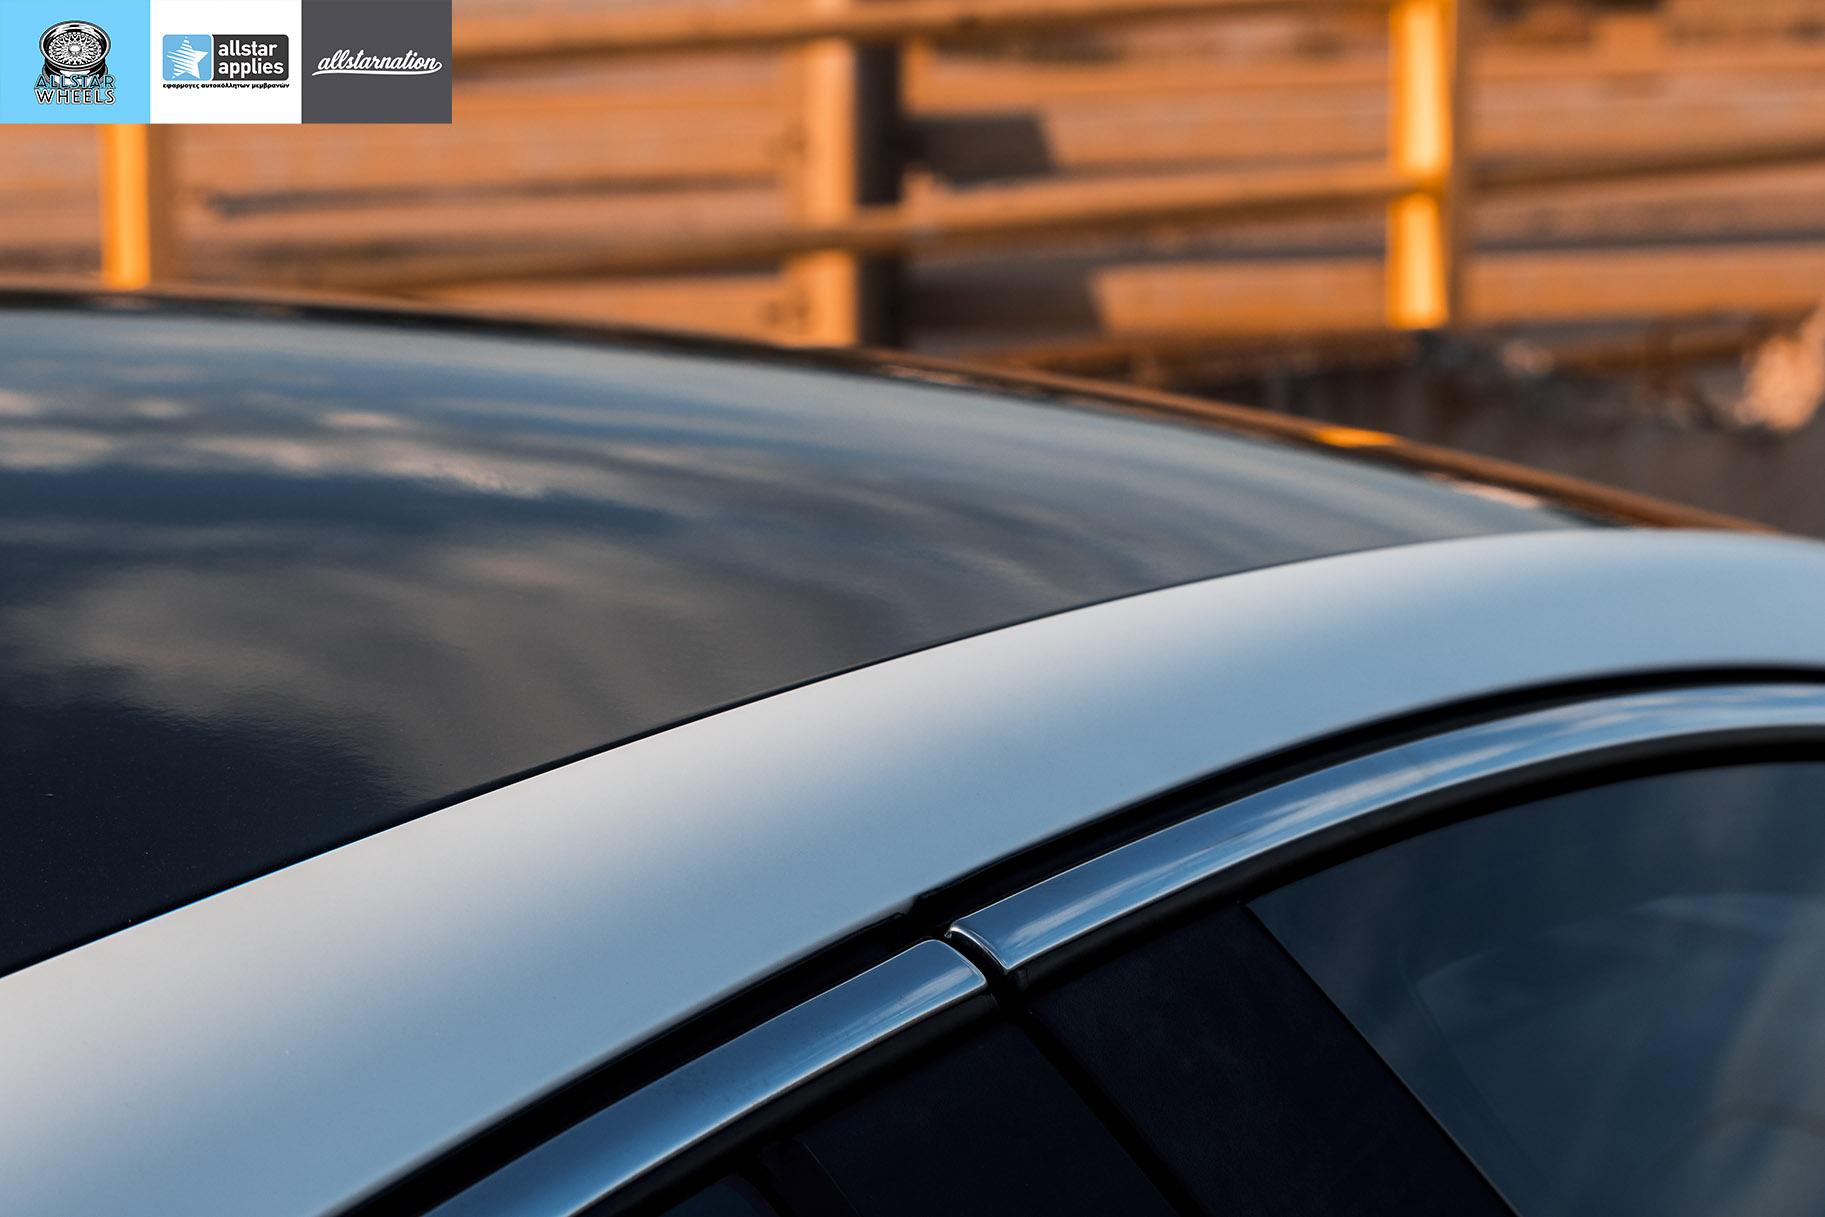 Προστασία ηλιοροφής Αυτοκινήτου Alfa Romeo Giulietta Matt Diamond White | Allstar Applies στη Θεσσαλονίκη